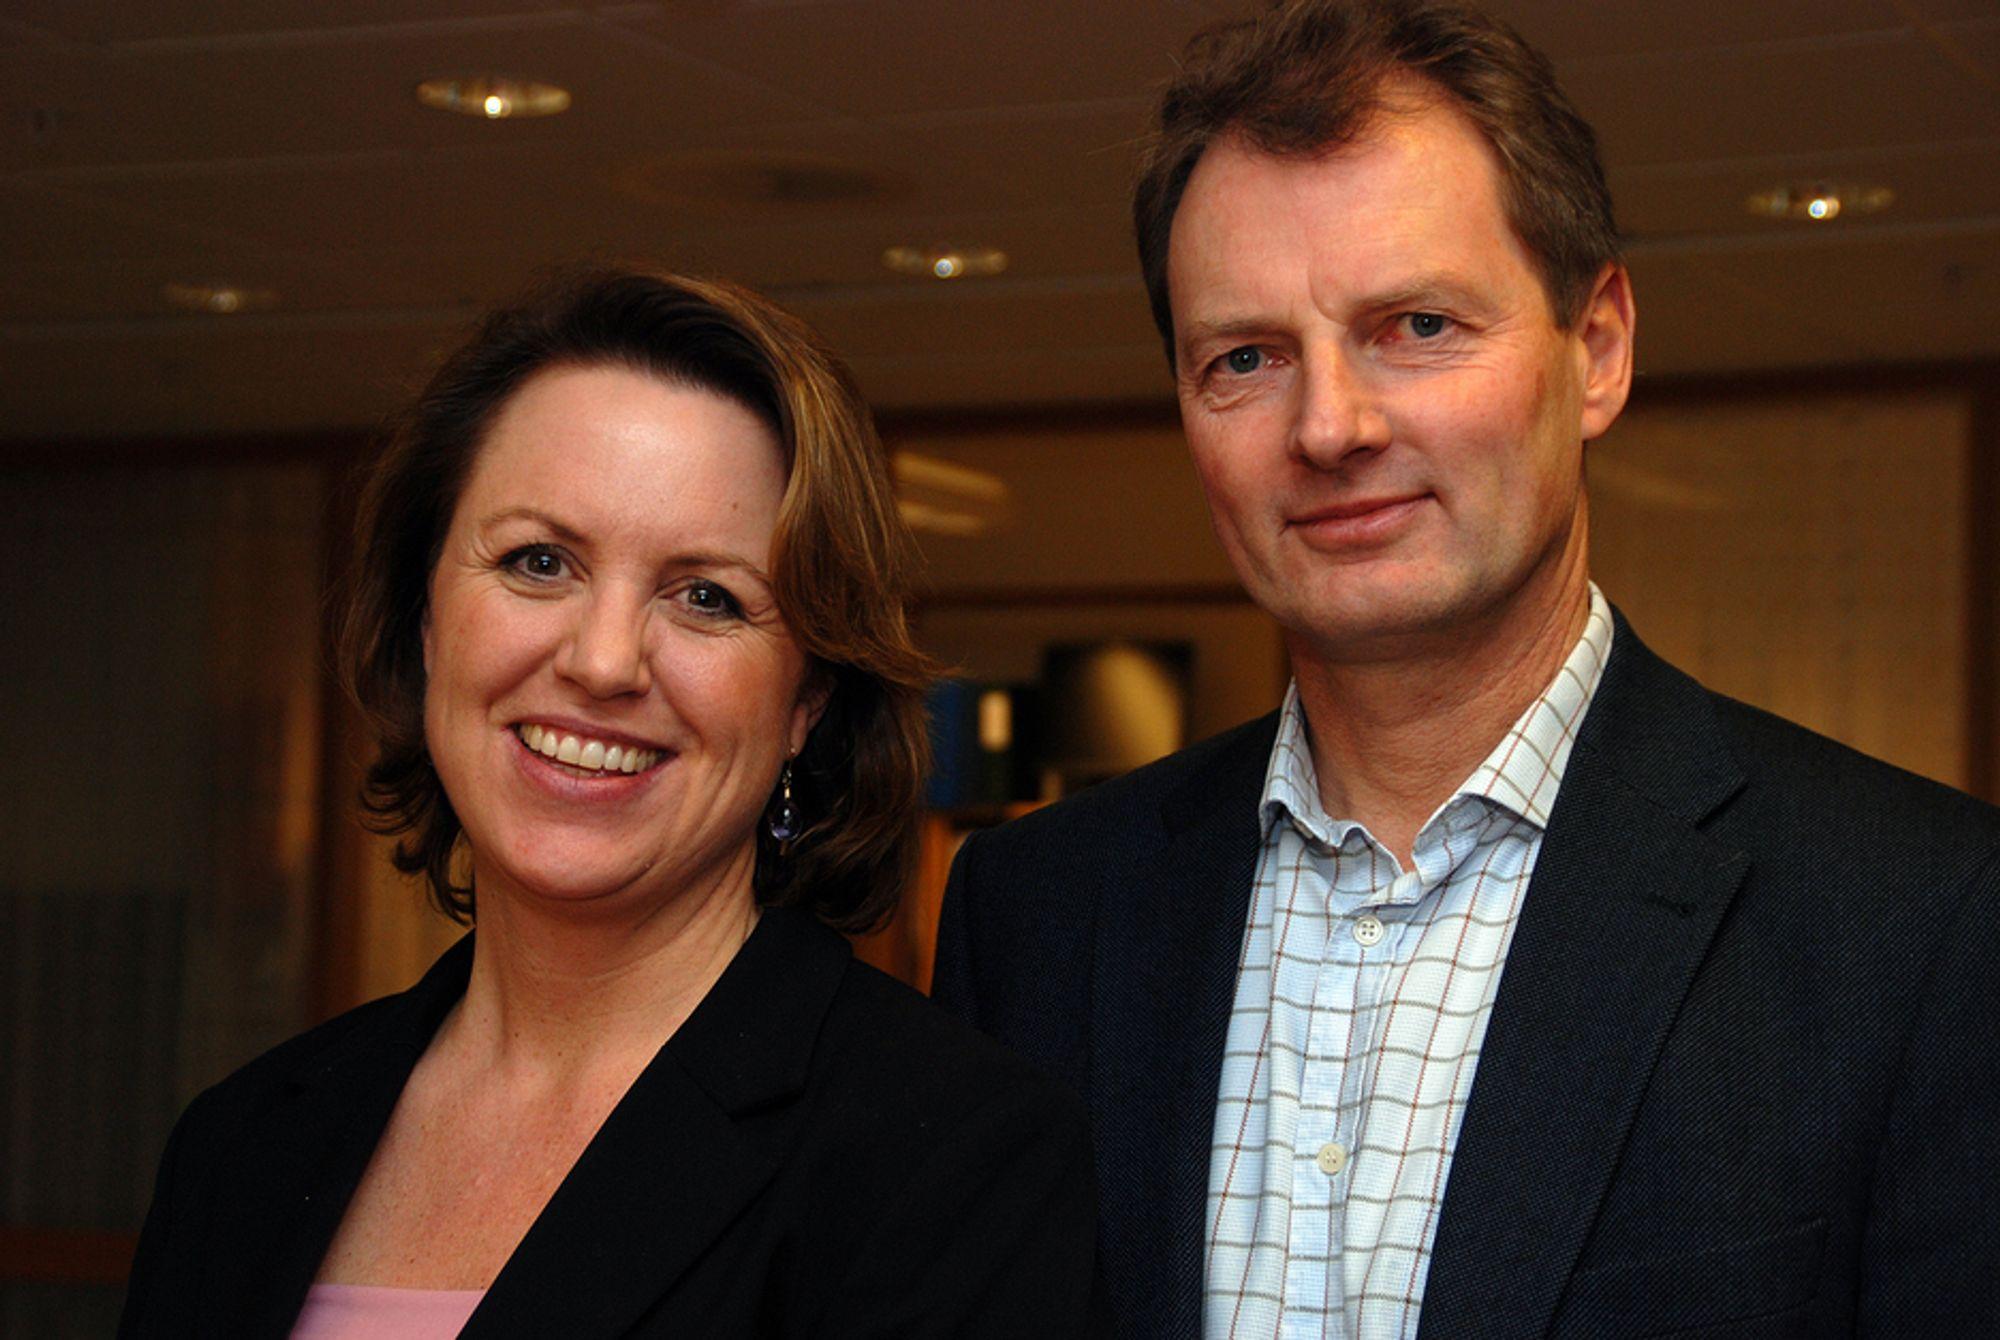 Administrerende direktør i RIF, Liv Kari Hansteen, og RIFs styreleder Øyvind Mork, mener Regjeringen bør gripe muligheten og bevilge penger til prosjekter som faktisk er klare til oppstart.